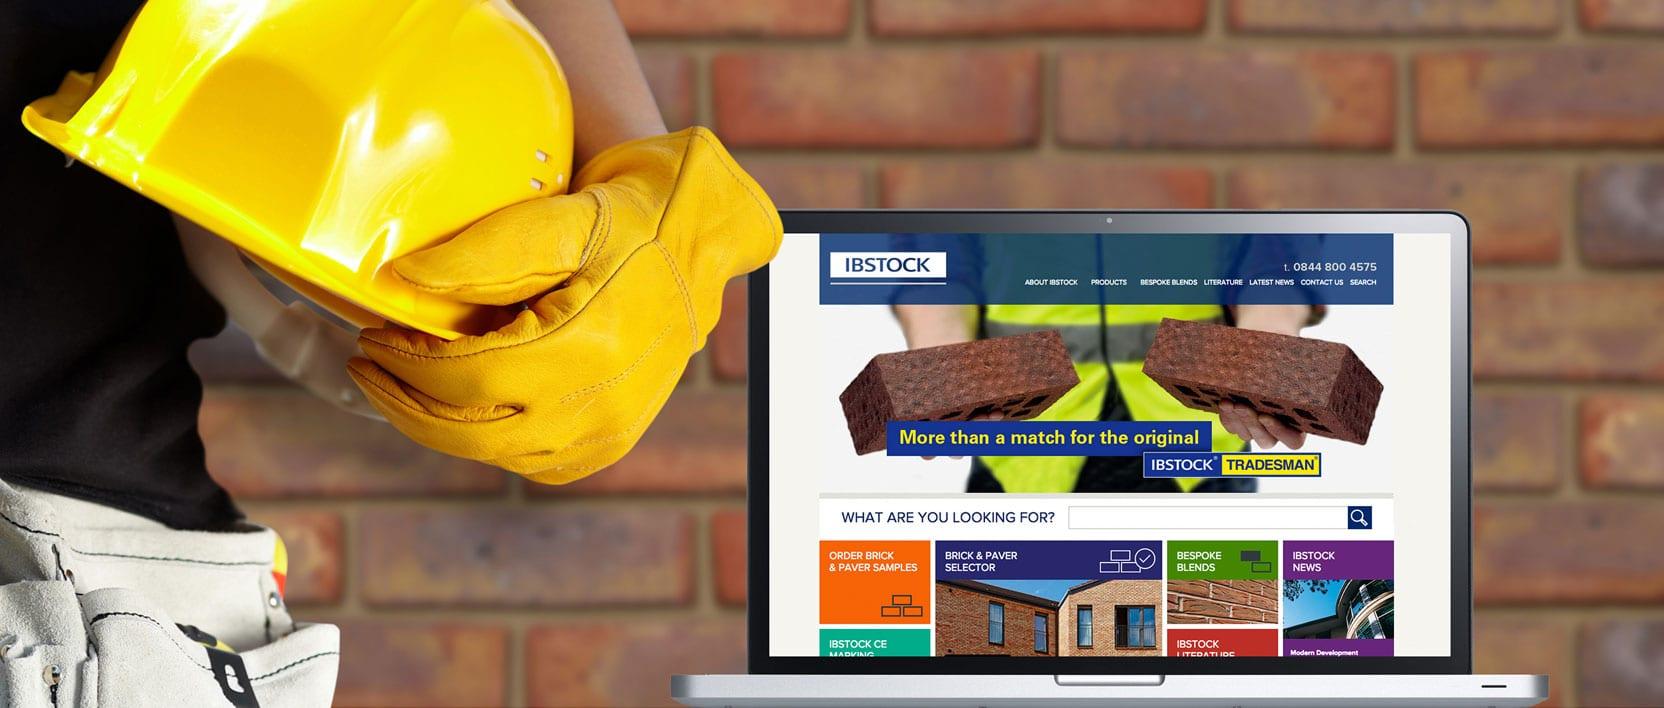 creative design agency promotional slide image